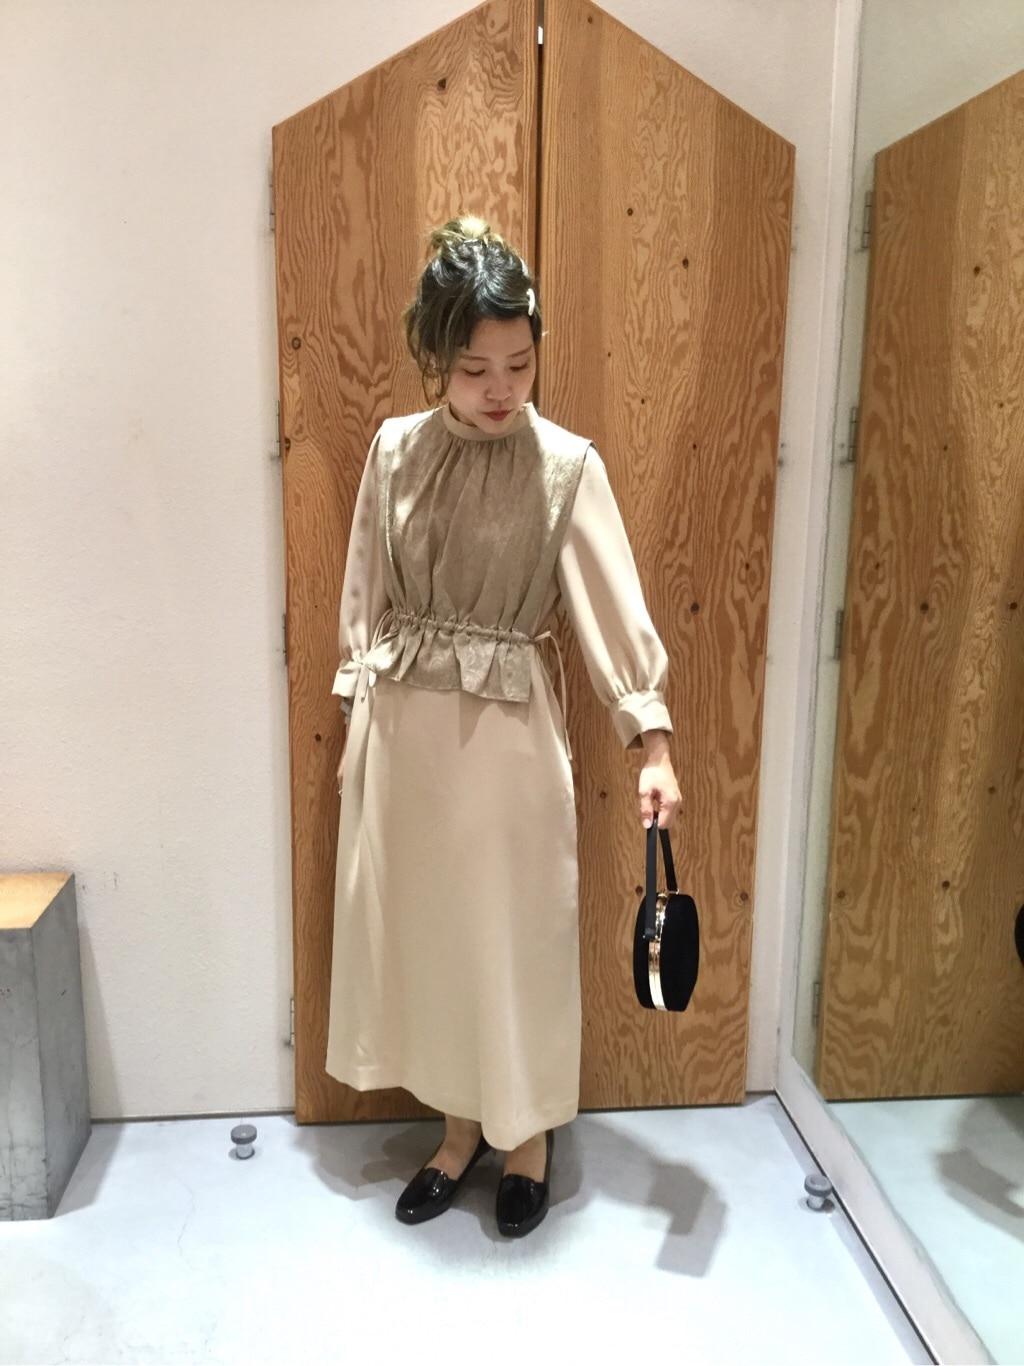 l'atelier du savon グランフロント大阪 身長:155cm 2019.09.13